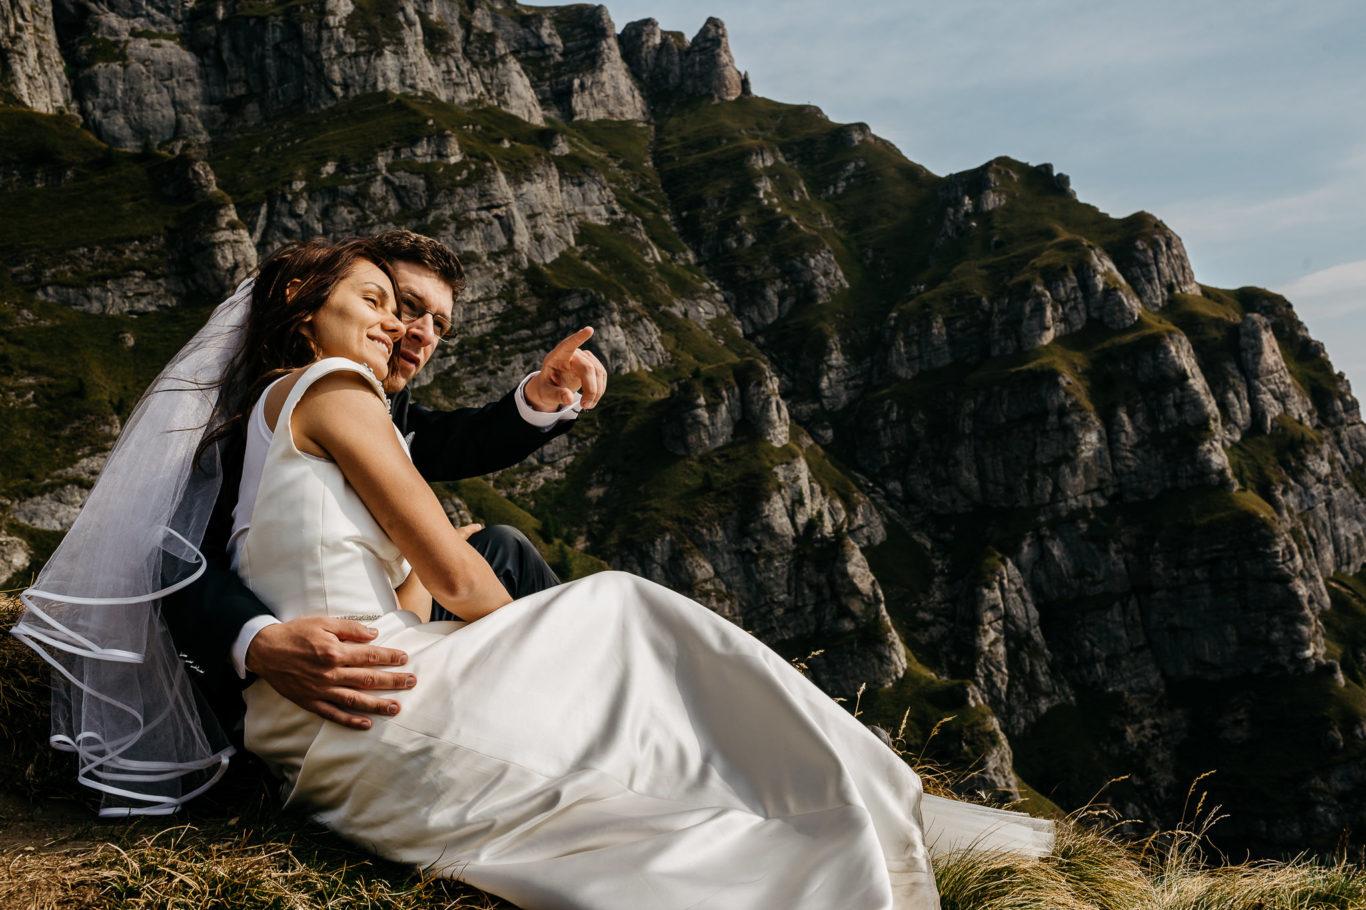 0196-trash-the-dress-bucegi-dana-radu-fotograf-ciprian-dumitrescu-cd2_9217